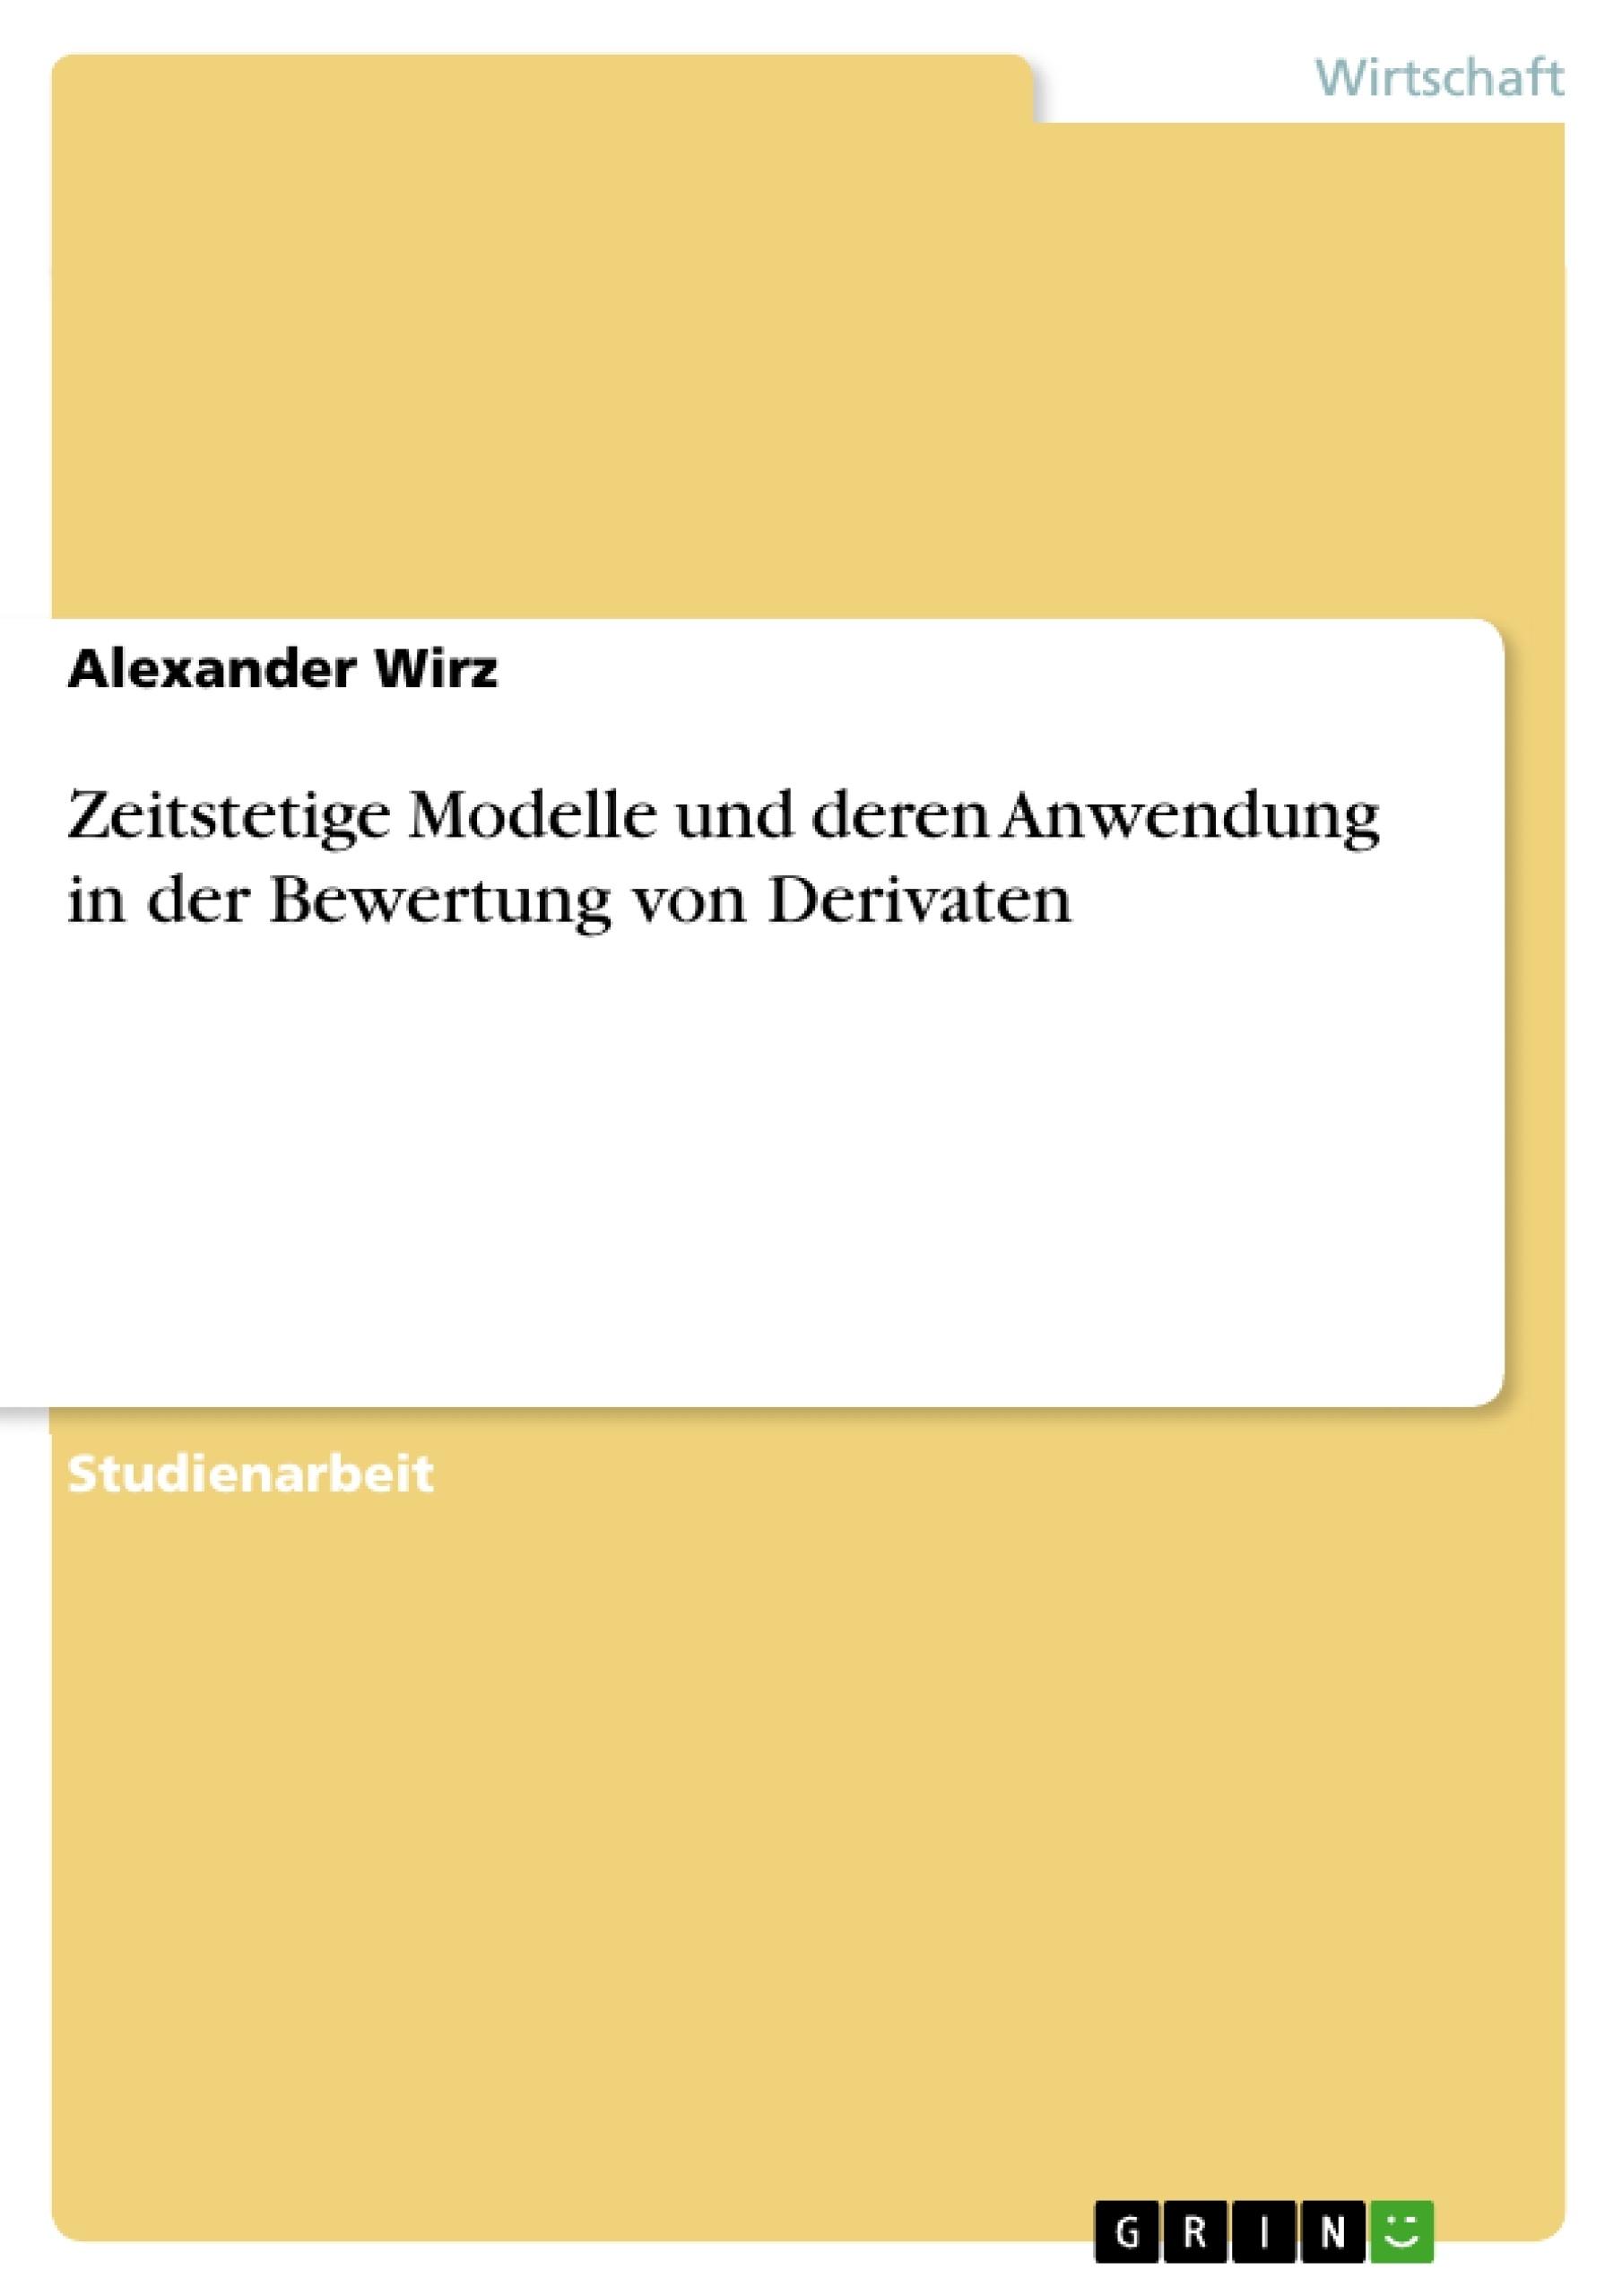 Titel: Zeitstetige Modelle und deren Anwendung in der Bewertung von Derivaten